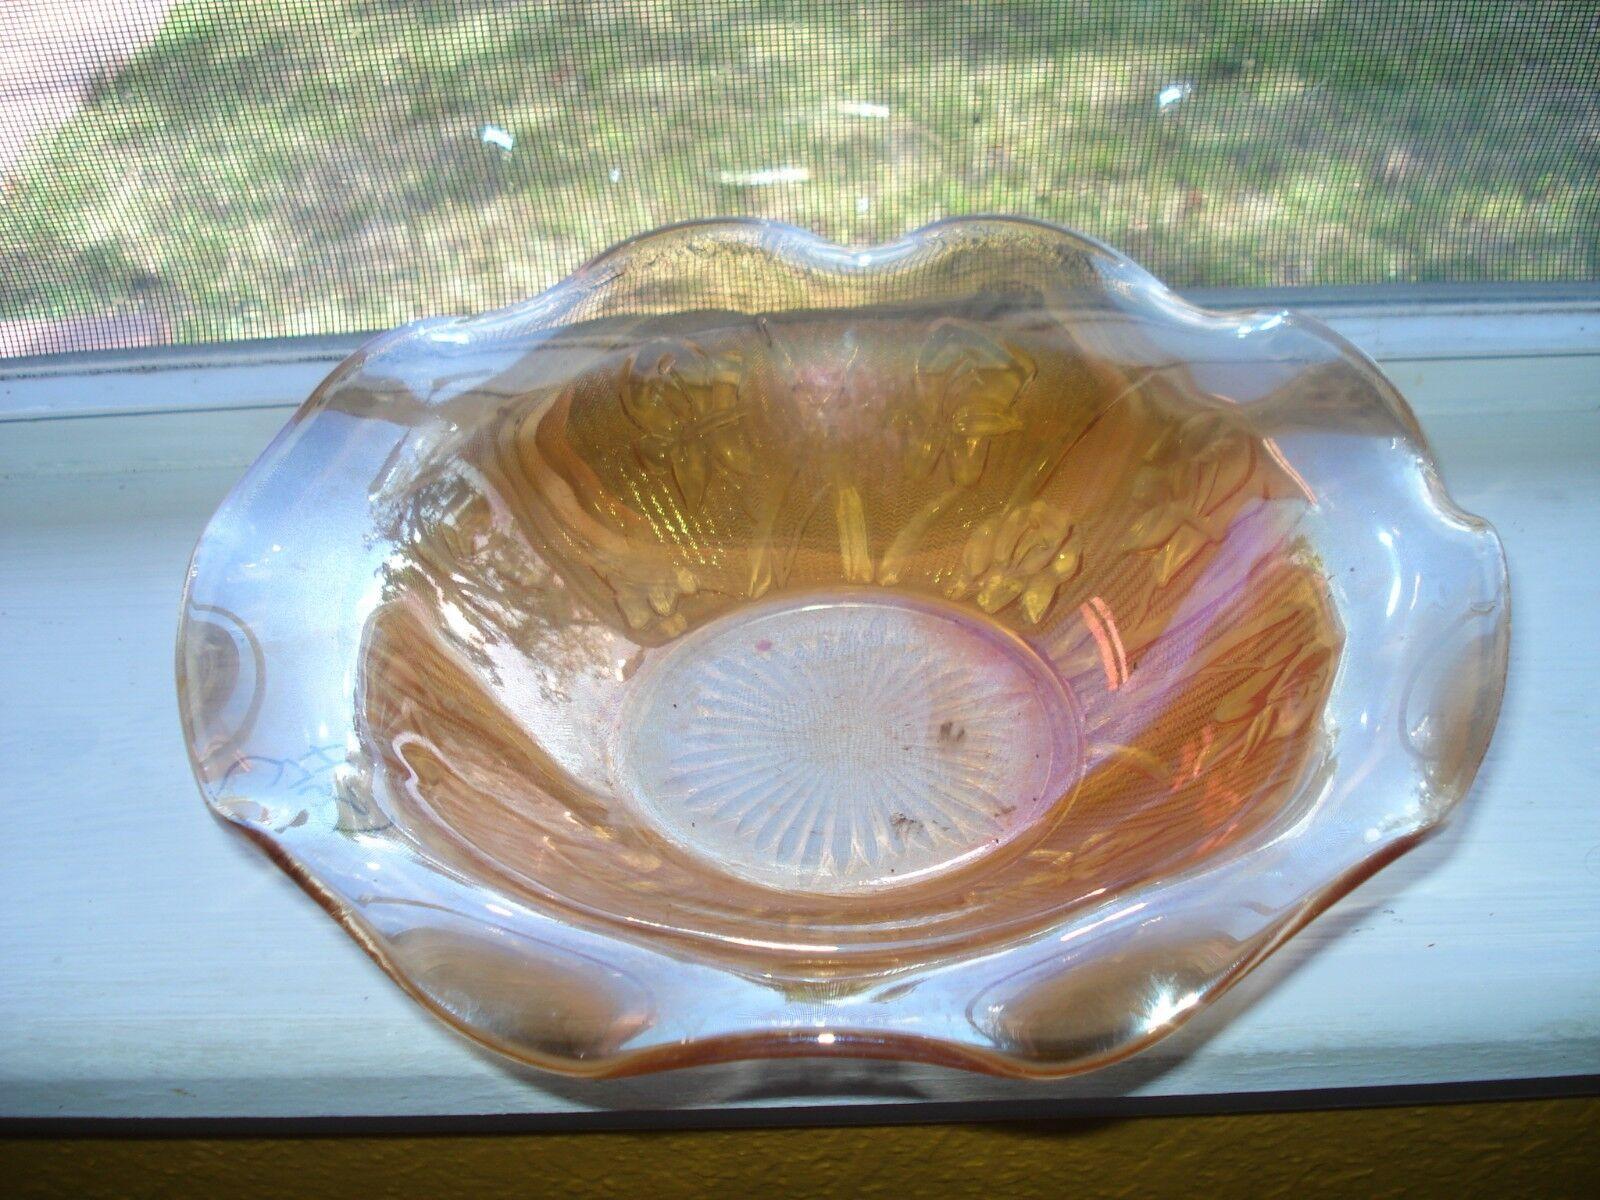 DEPRESSION GLASS IRIDESCENT IRIS AND HERRINGBONE RUFFLED BOWL.....NICE  - $9.99